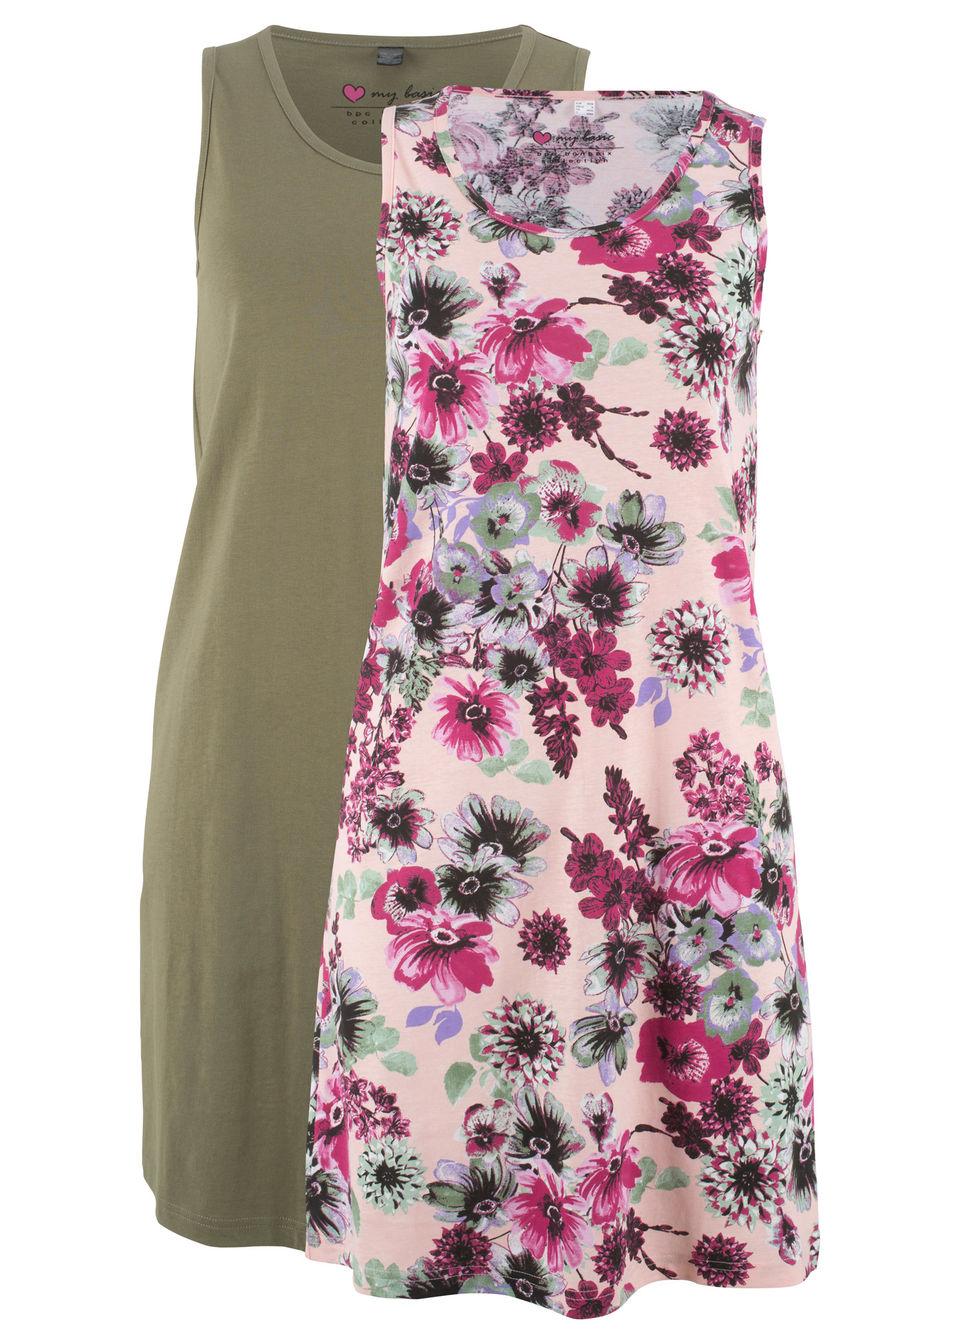 Купить Трикотажное платье (2 шт.), bonprix, розовый жемчуг с рисунком + оливковый